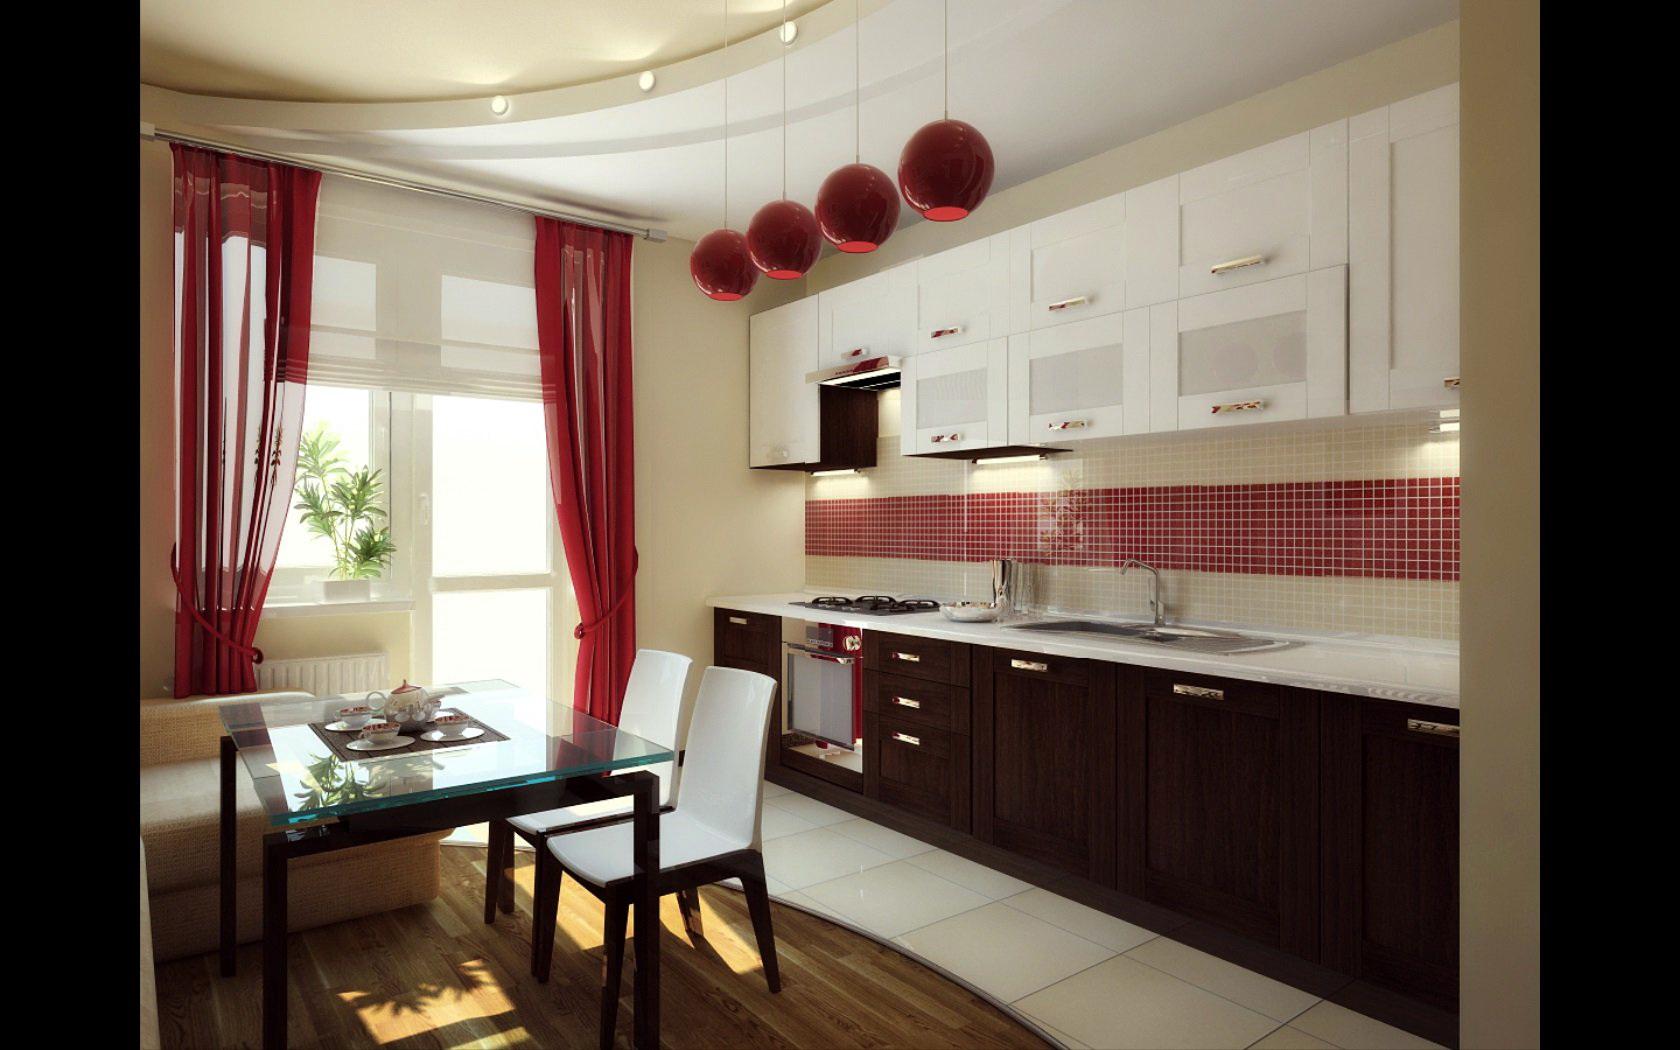 Дизайн интерьера кухни 12 кв.м: планировка, проектирование, .